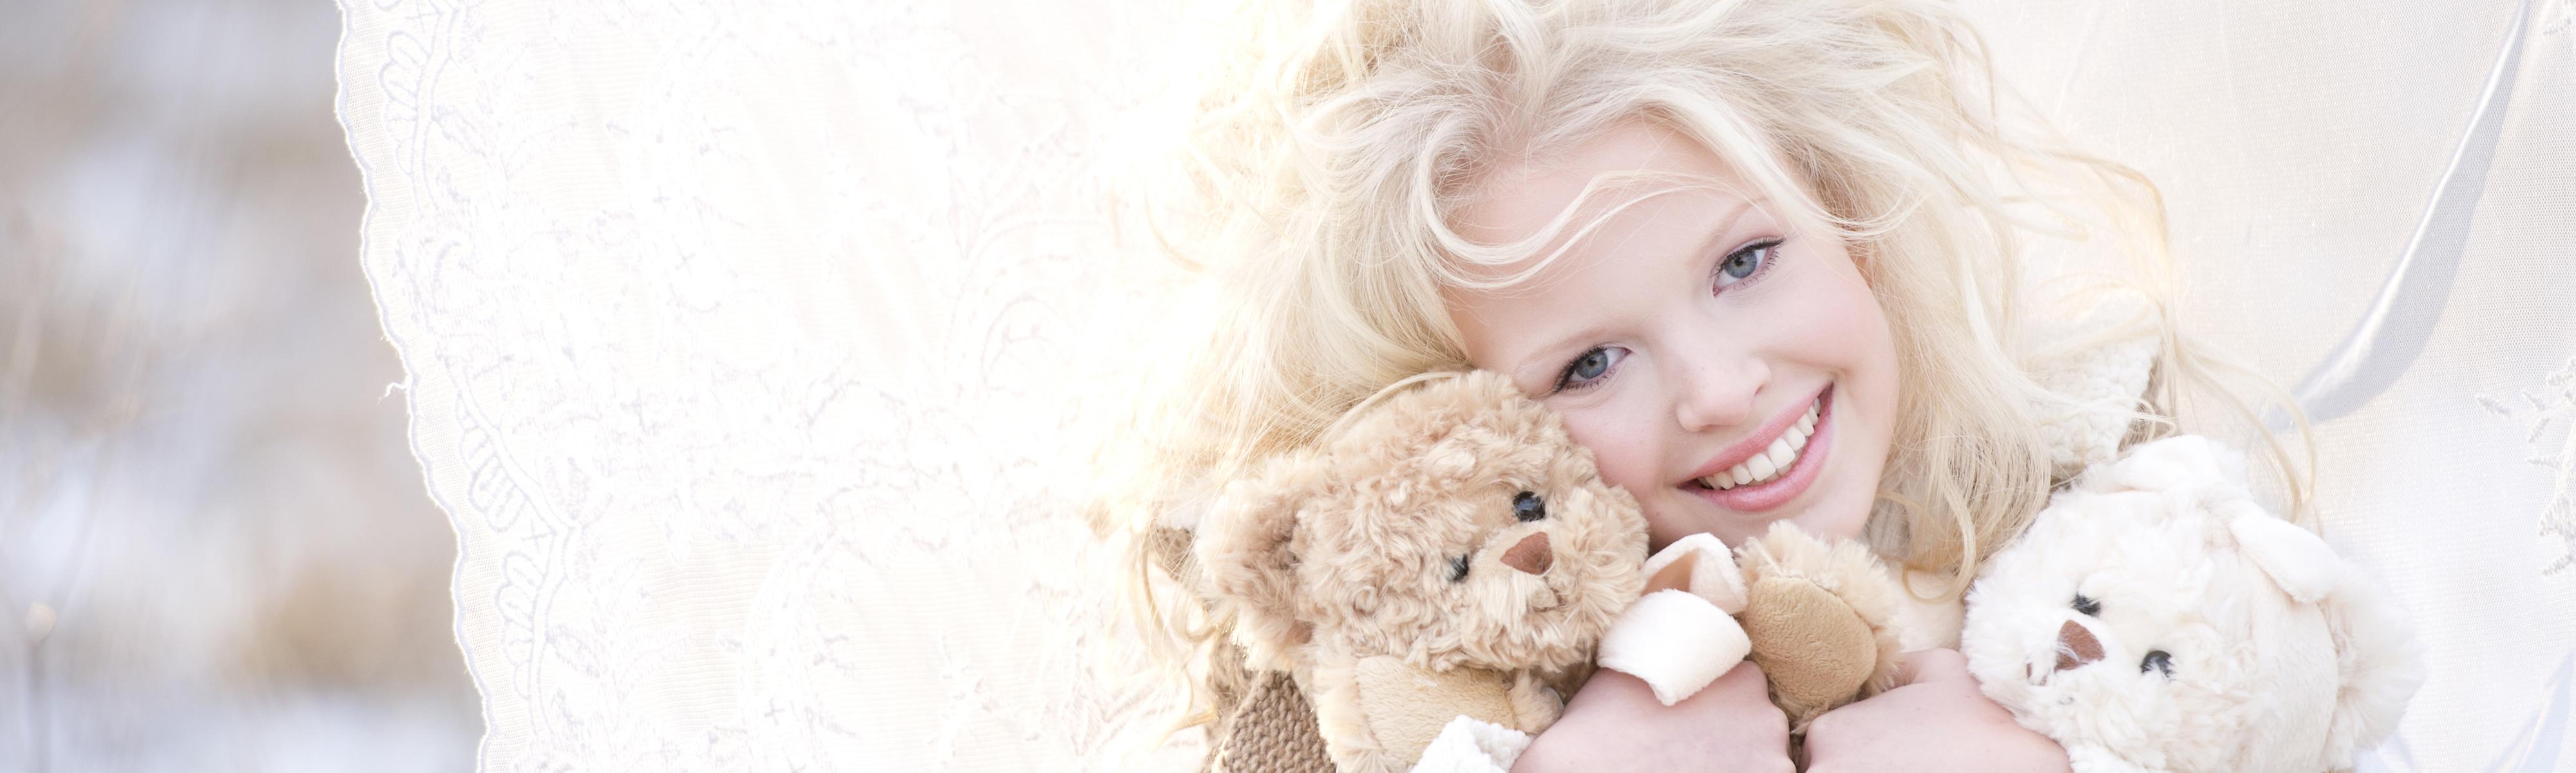 liisa01 - Esilehe foto 3